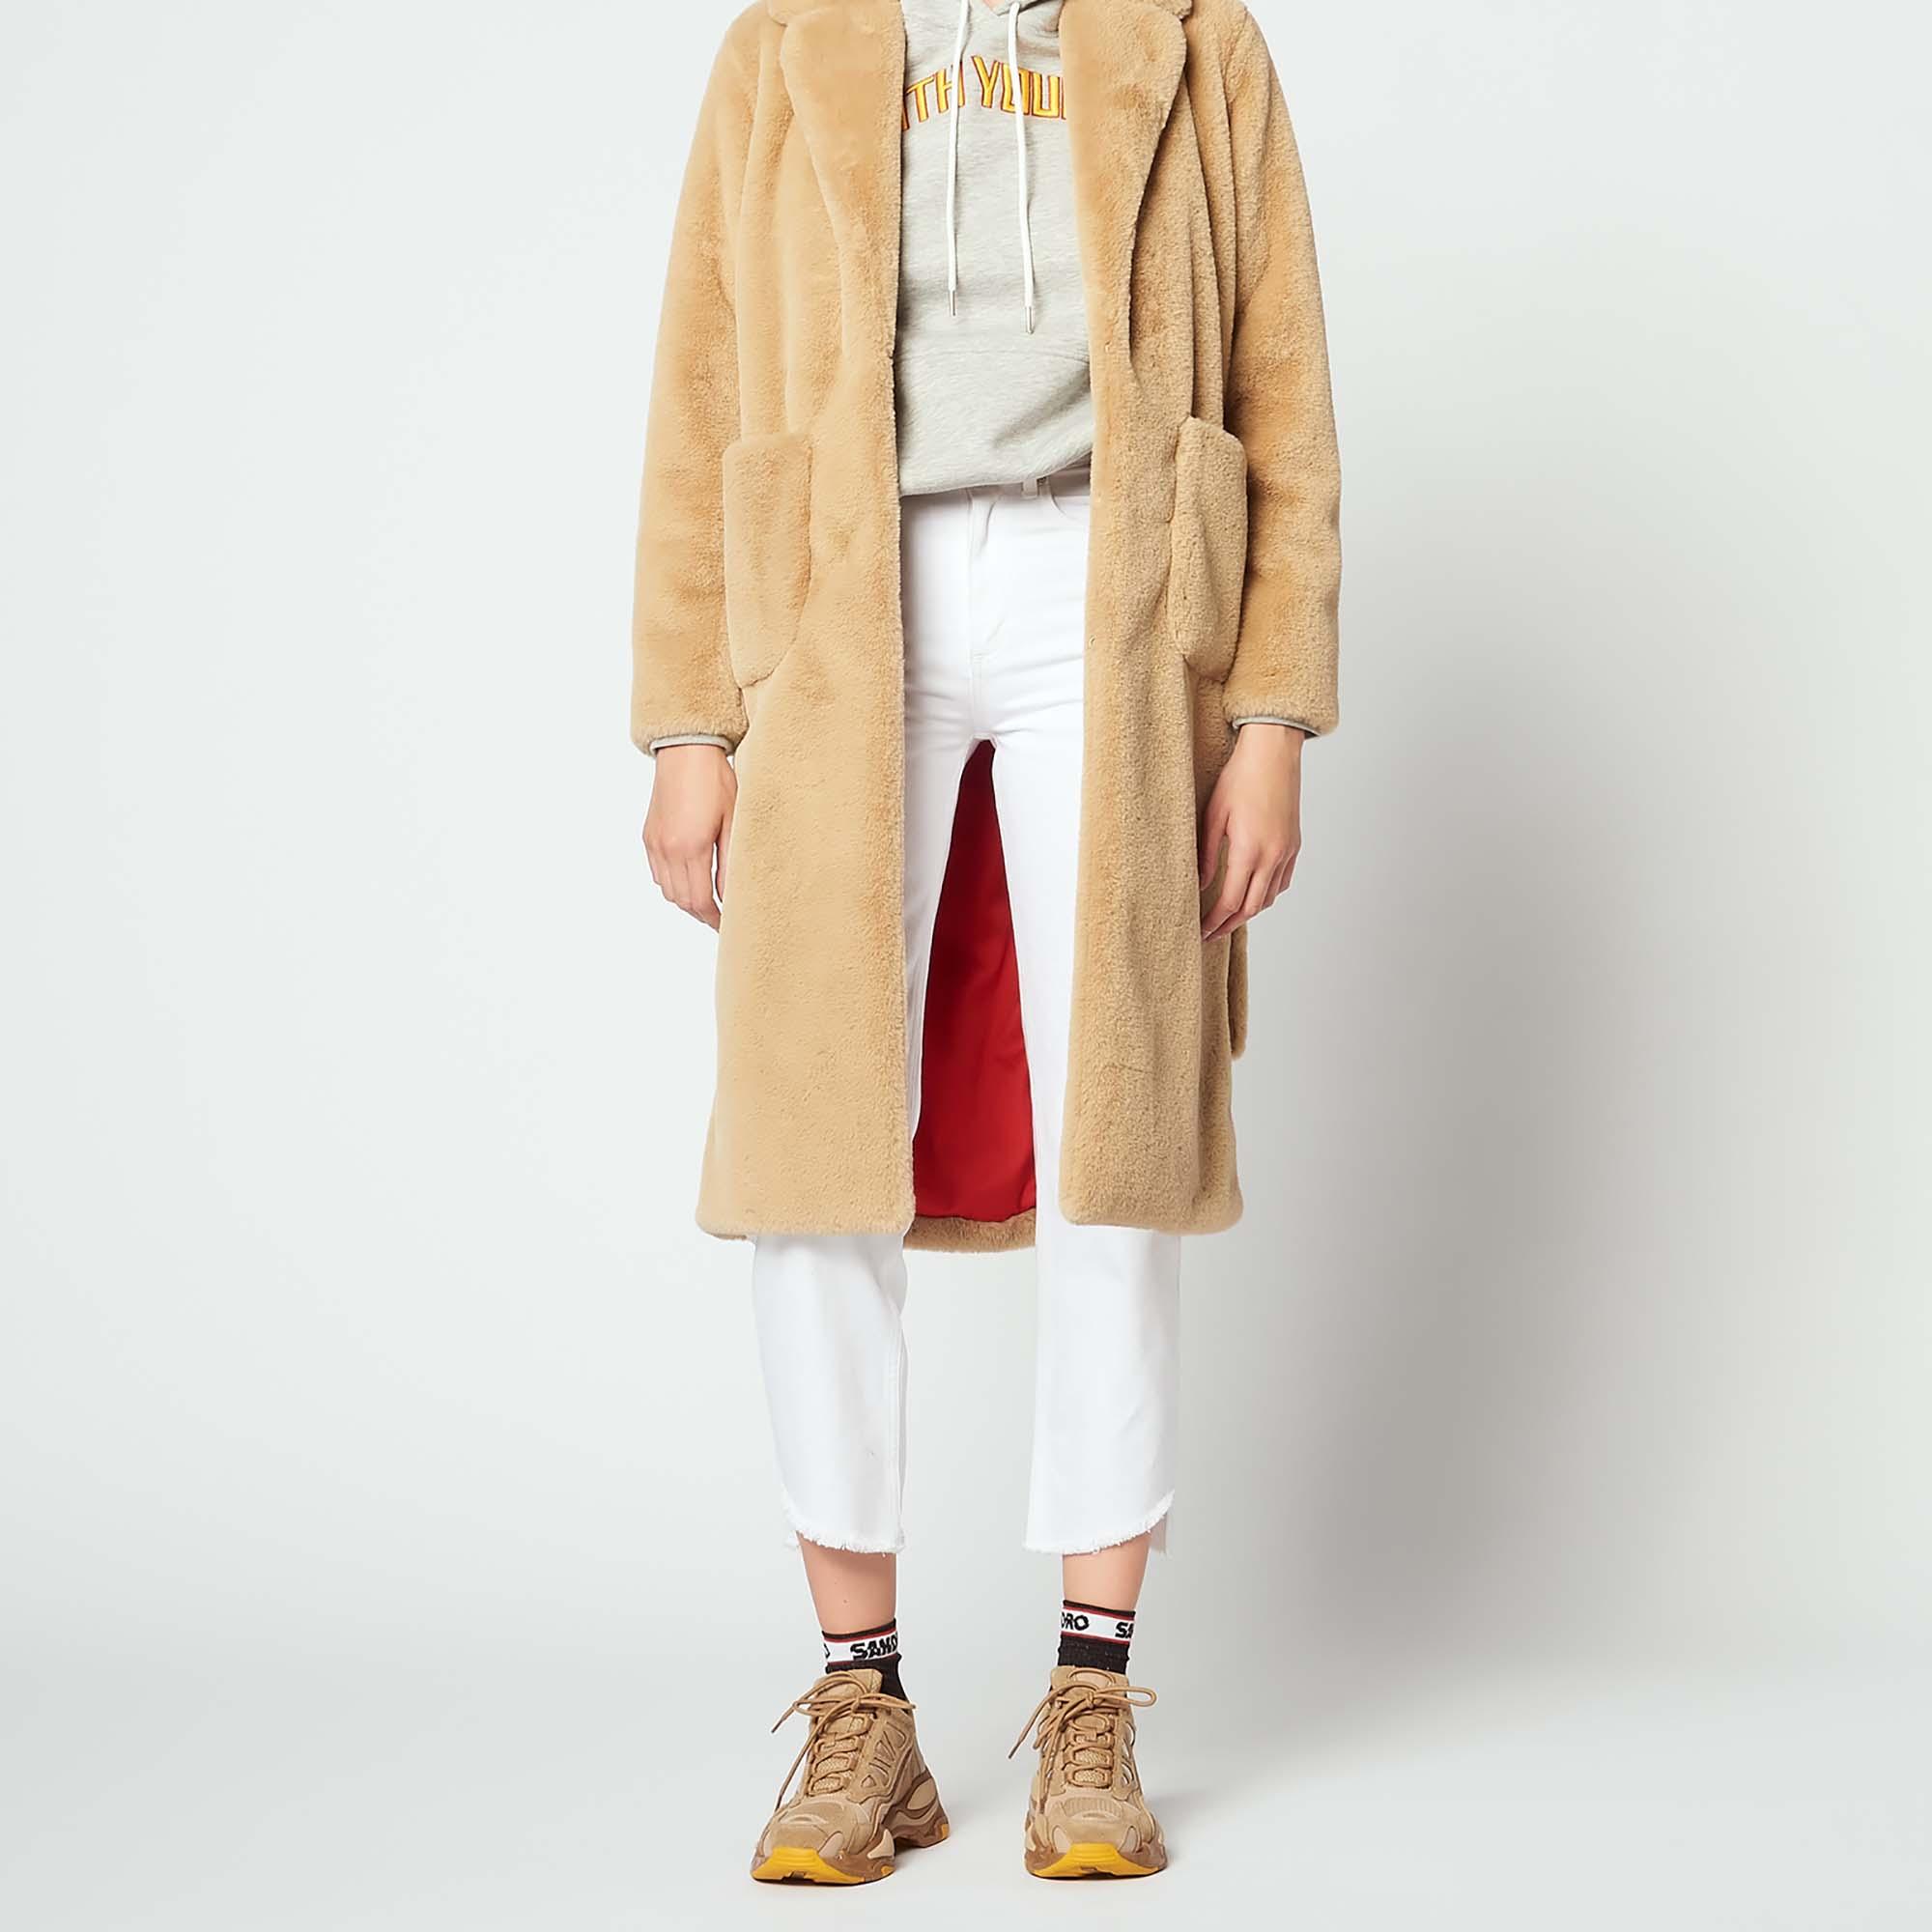 ab8f6689cdf7 Long faux fur coat   null color Beige ...